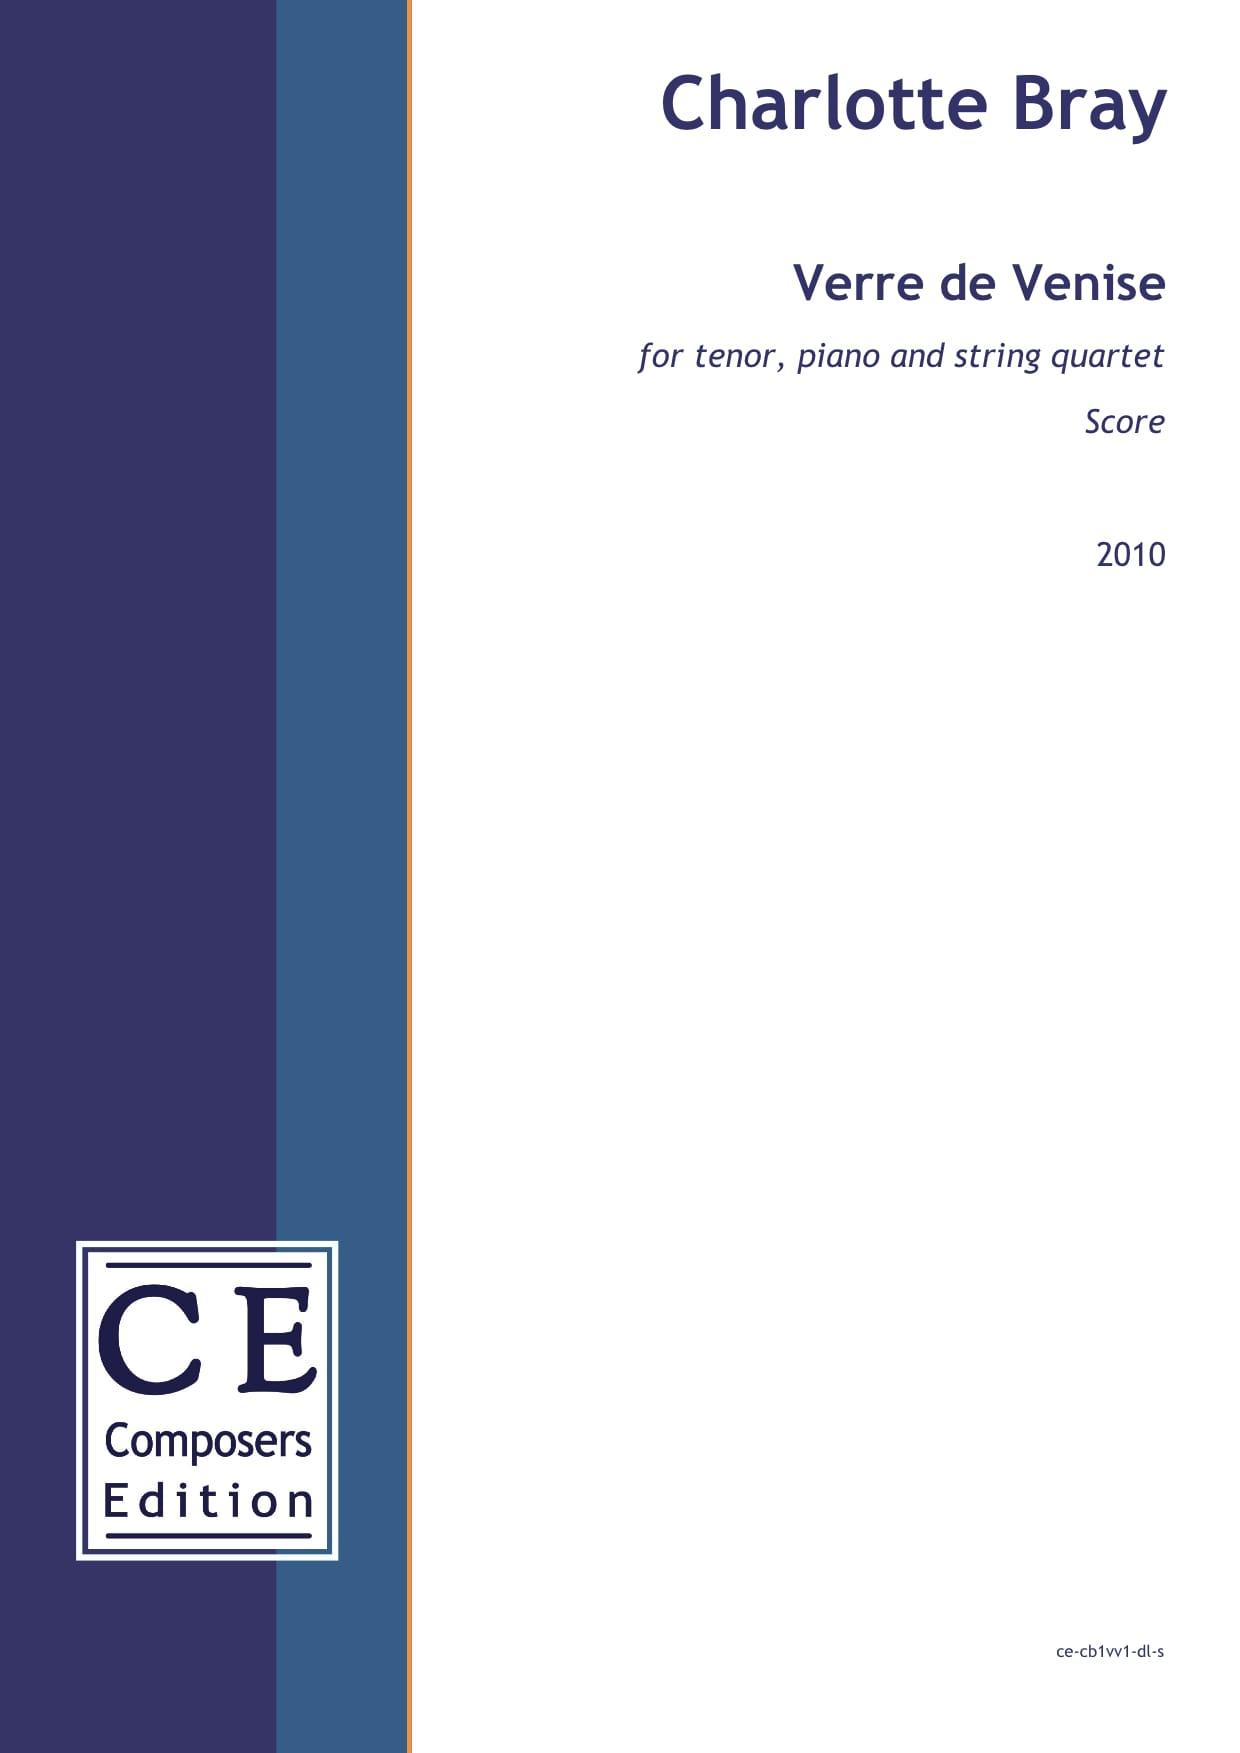 Charlotte Bray: Verre de Venise for tenor, piano and string quartet